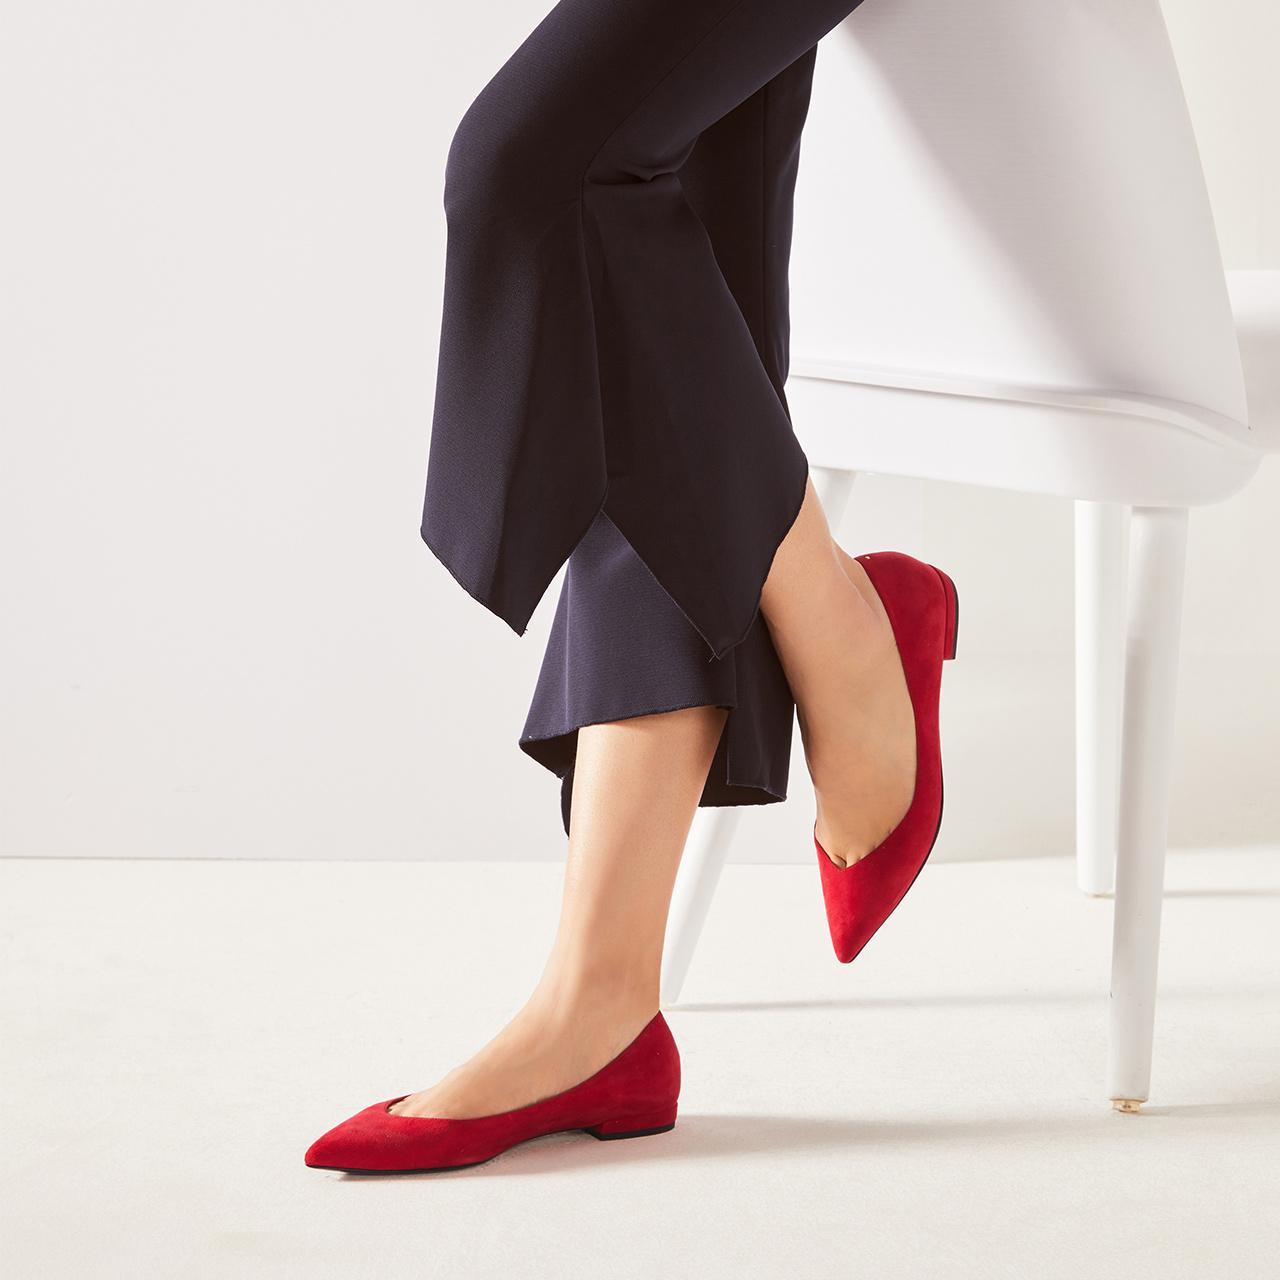 STELLA LUNA秋季尖头平跟女士单鞋 SH334C24105